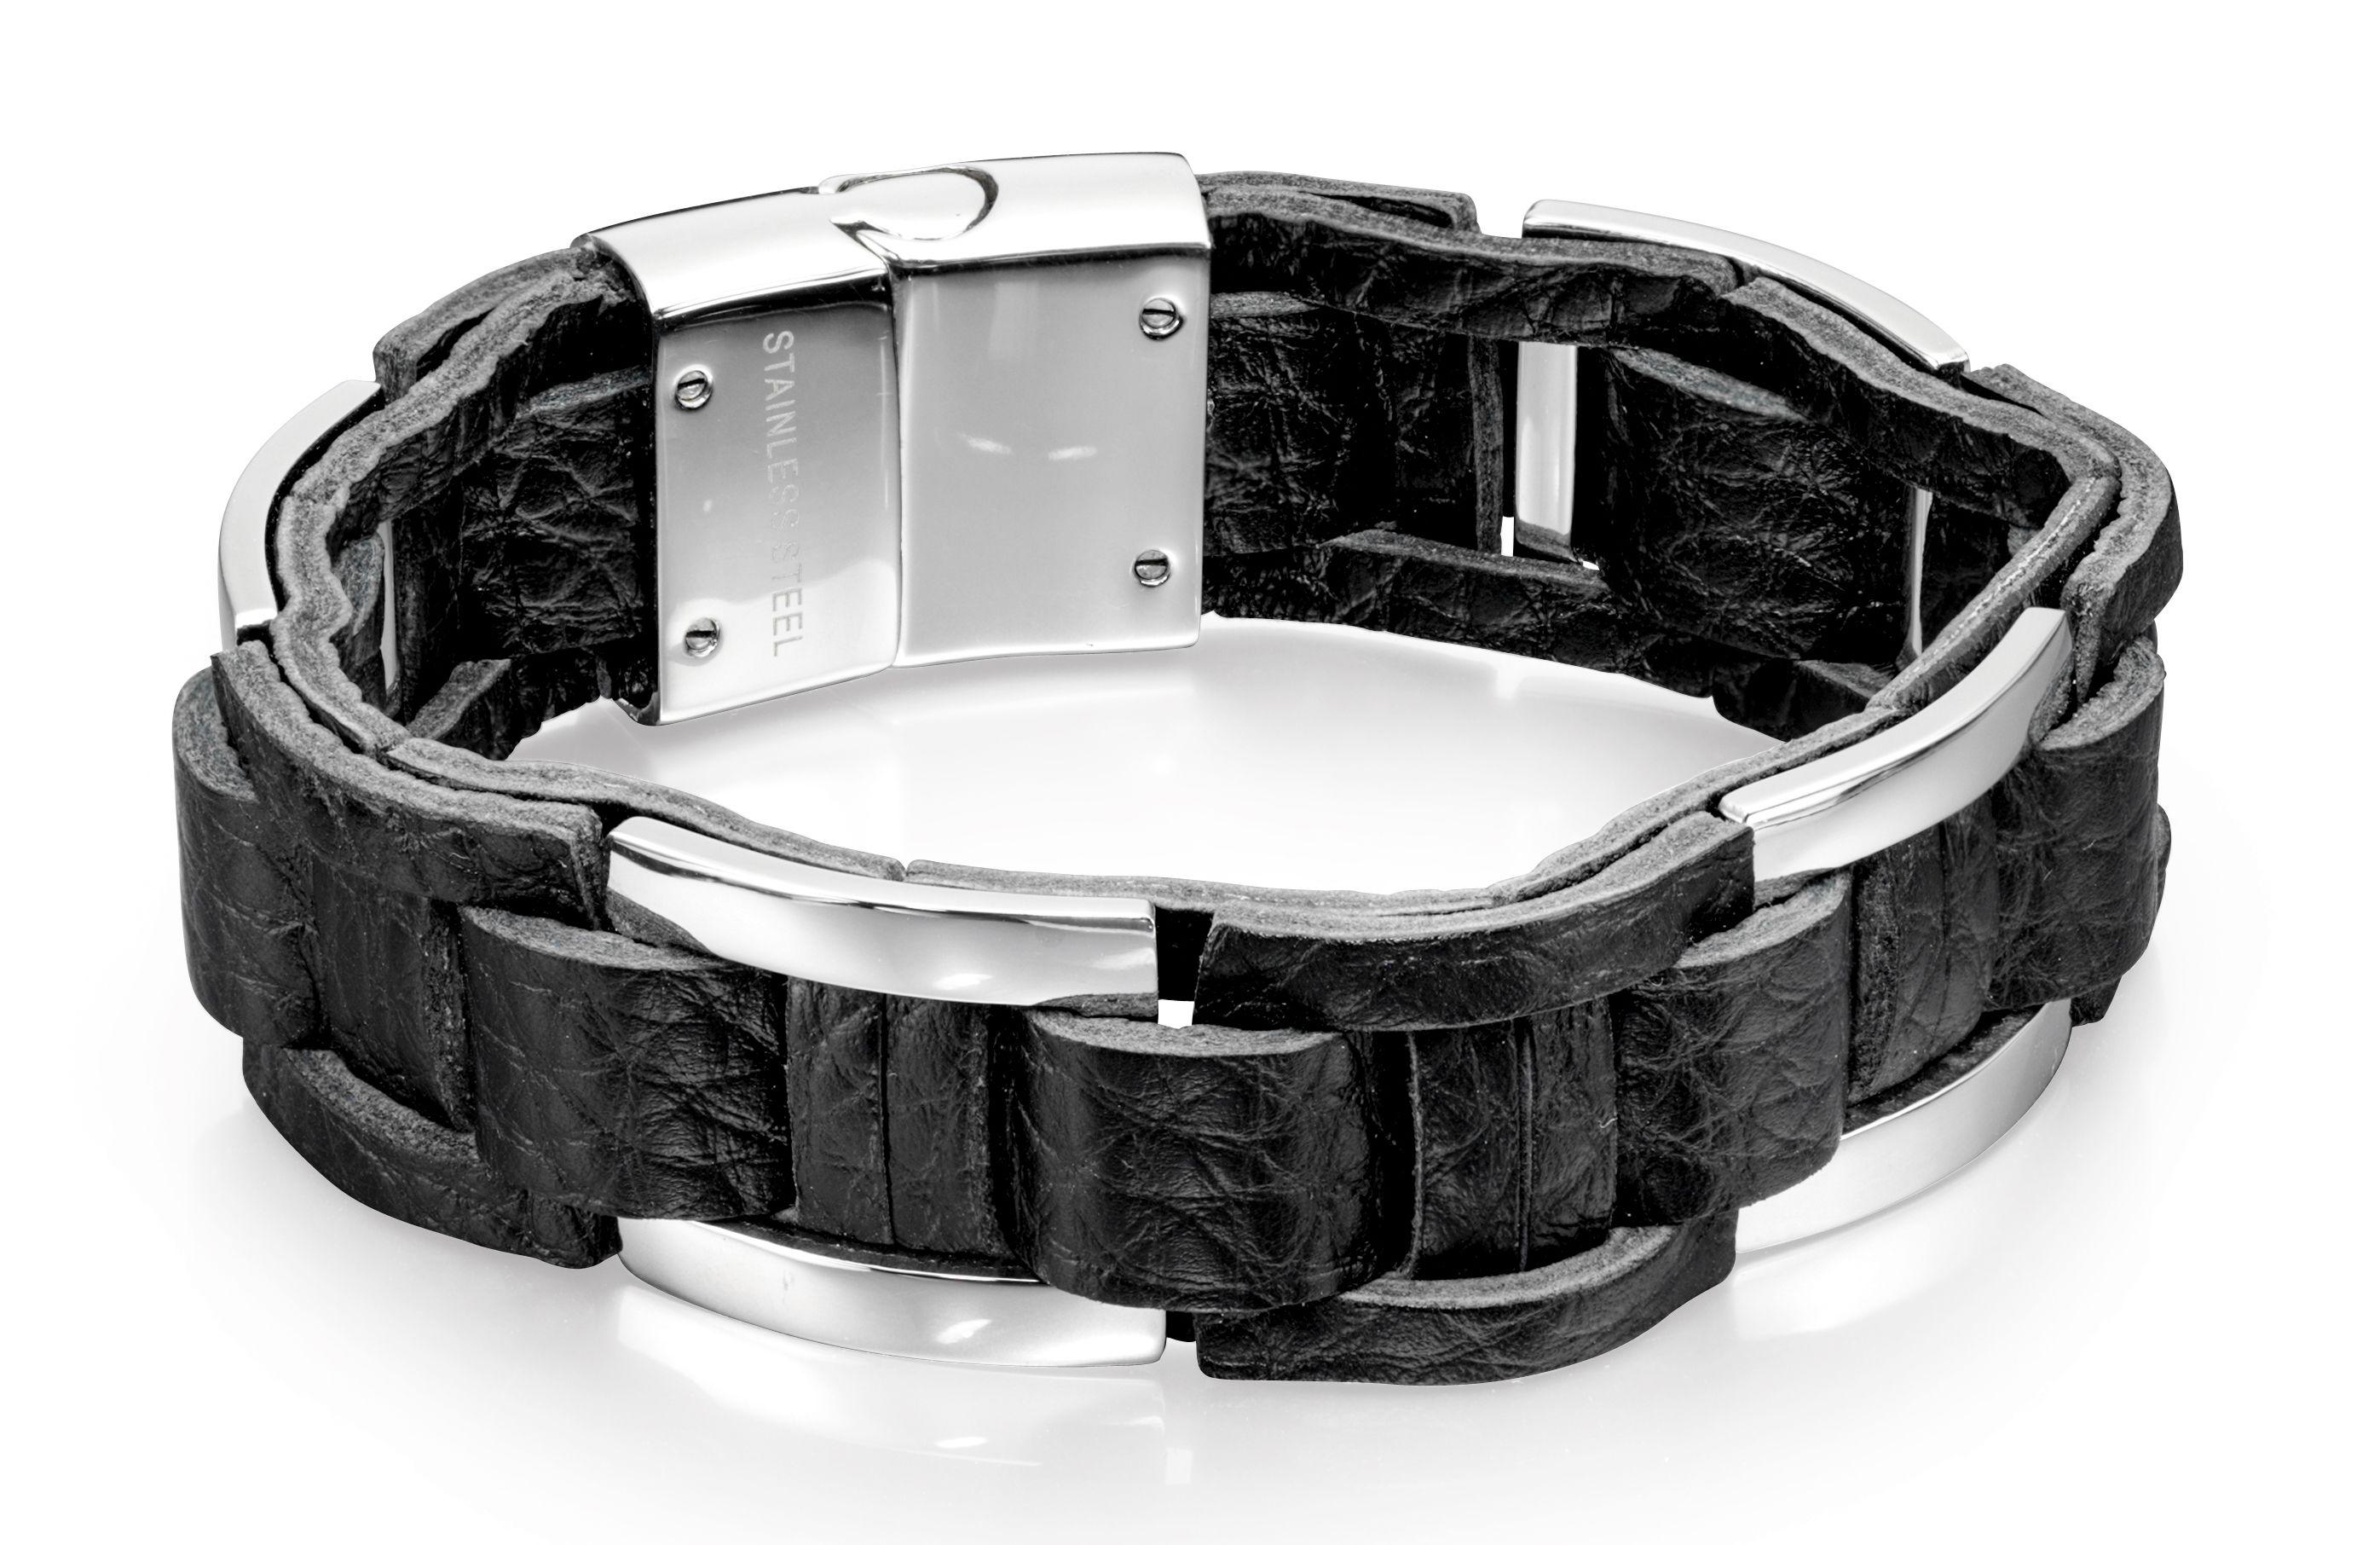 Fred Bennett Stainless Steel for Men's Stainless Steel Black Leather Chunky Woven Bracelet of 21.5cm